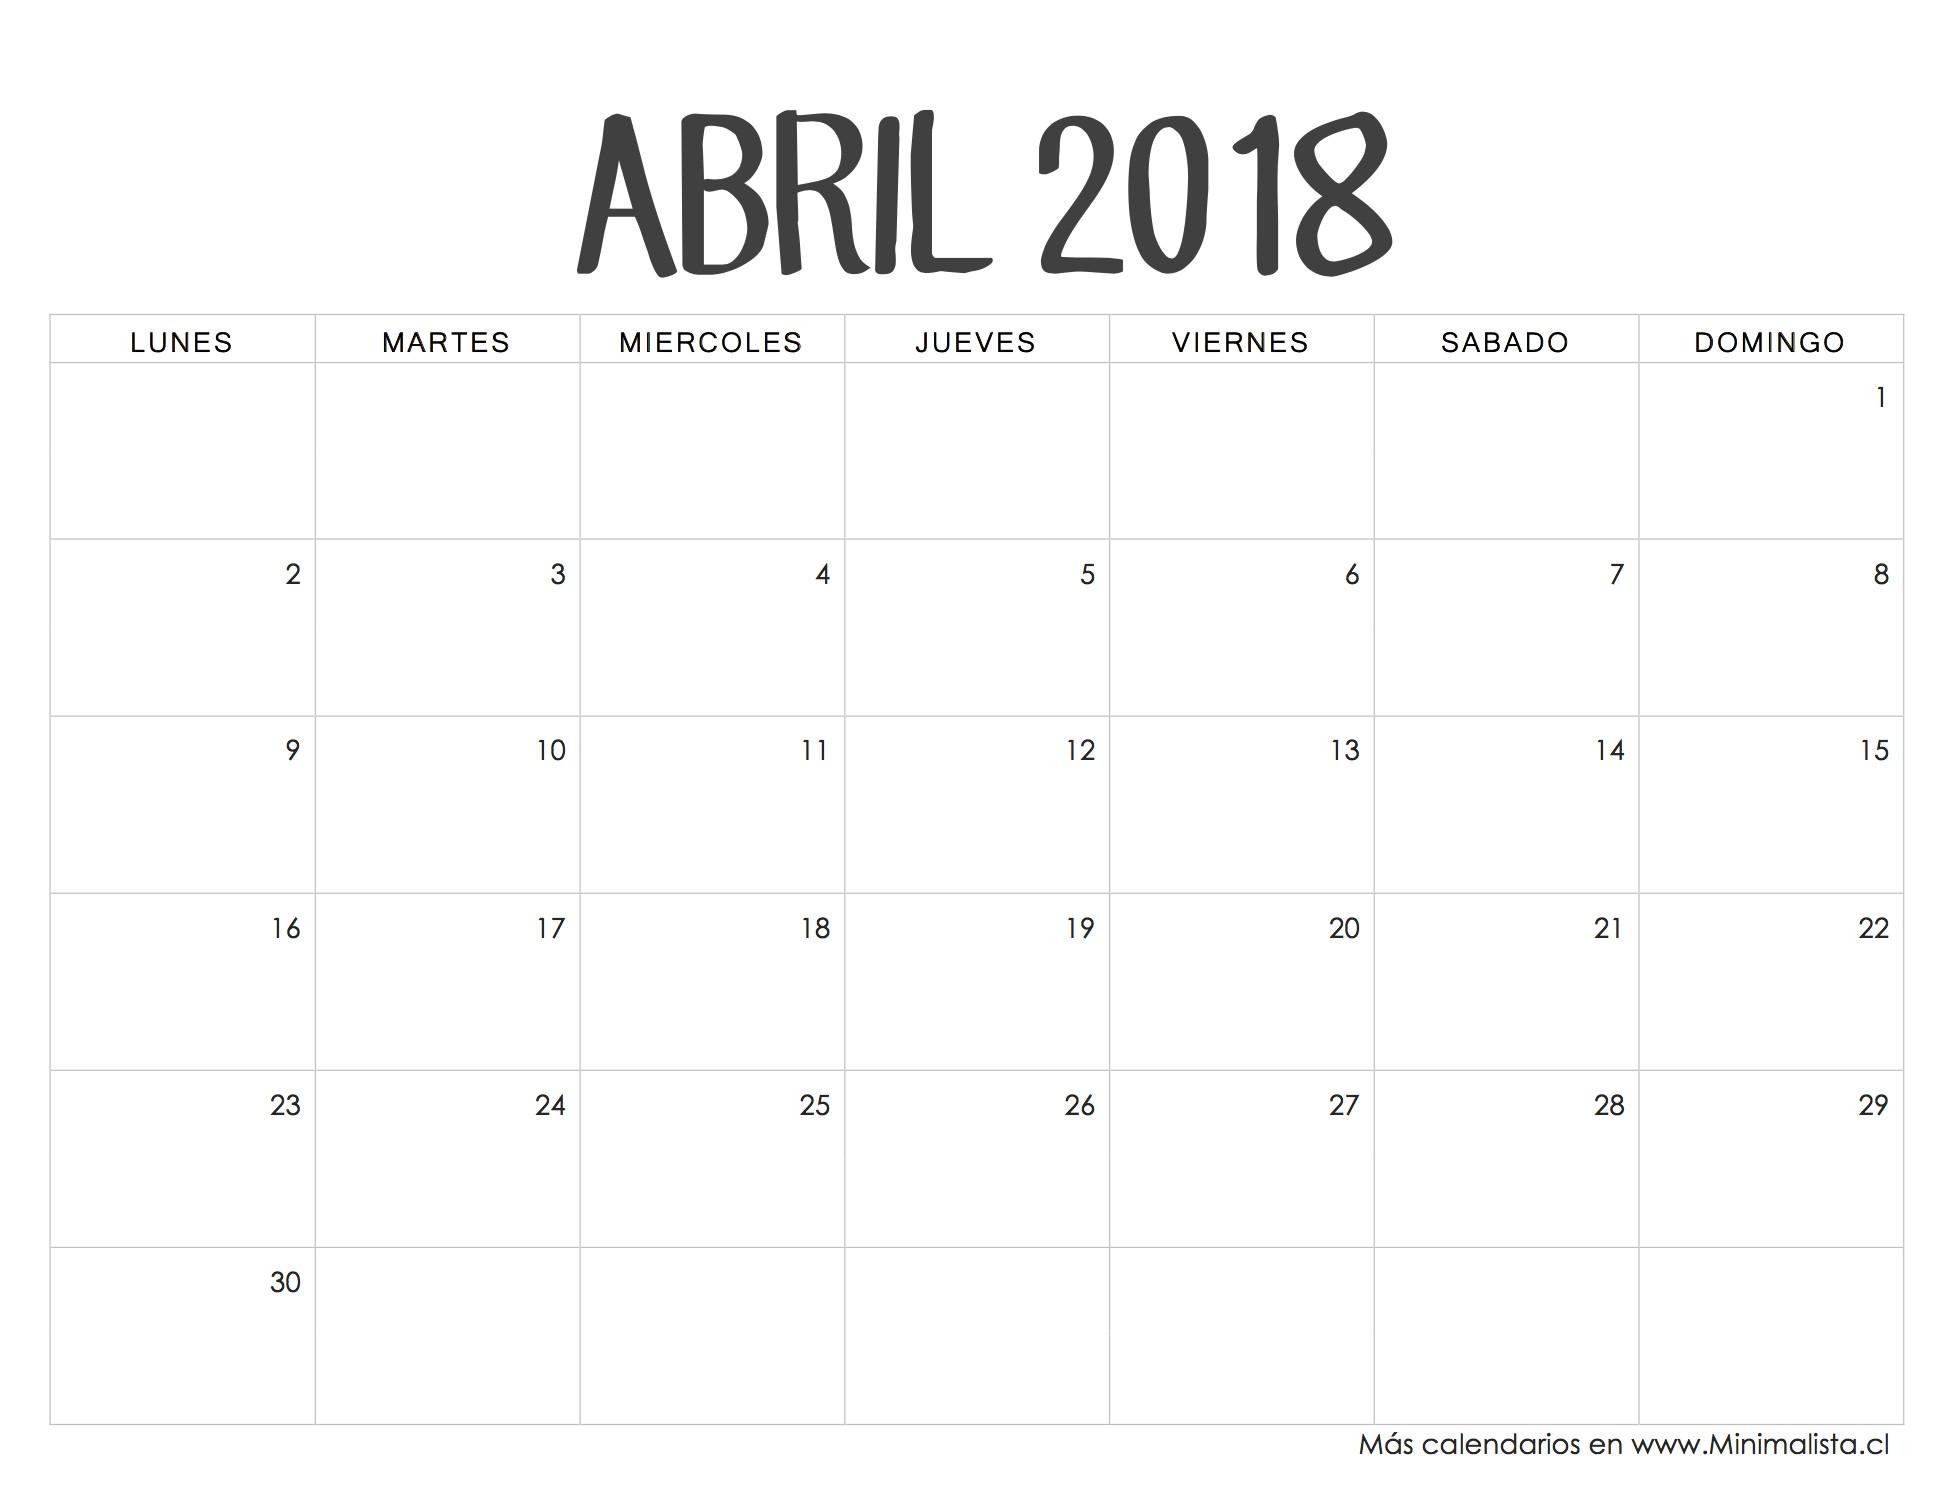 Calendario 2017 Chile Imprimir Por Mes Más Arriba-a-fecha Calendario Abril 2018 Calendarios Pinterest Of Calendario 2017 Chile Imprimir Por Mes Más Reciente 2019 2018 Calendar Printable with Holidays List Kalender Kalendar